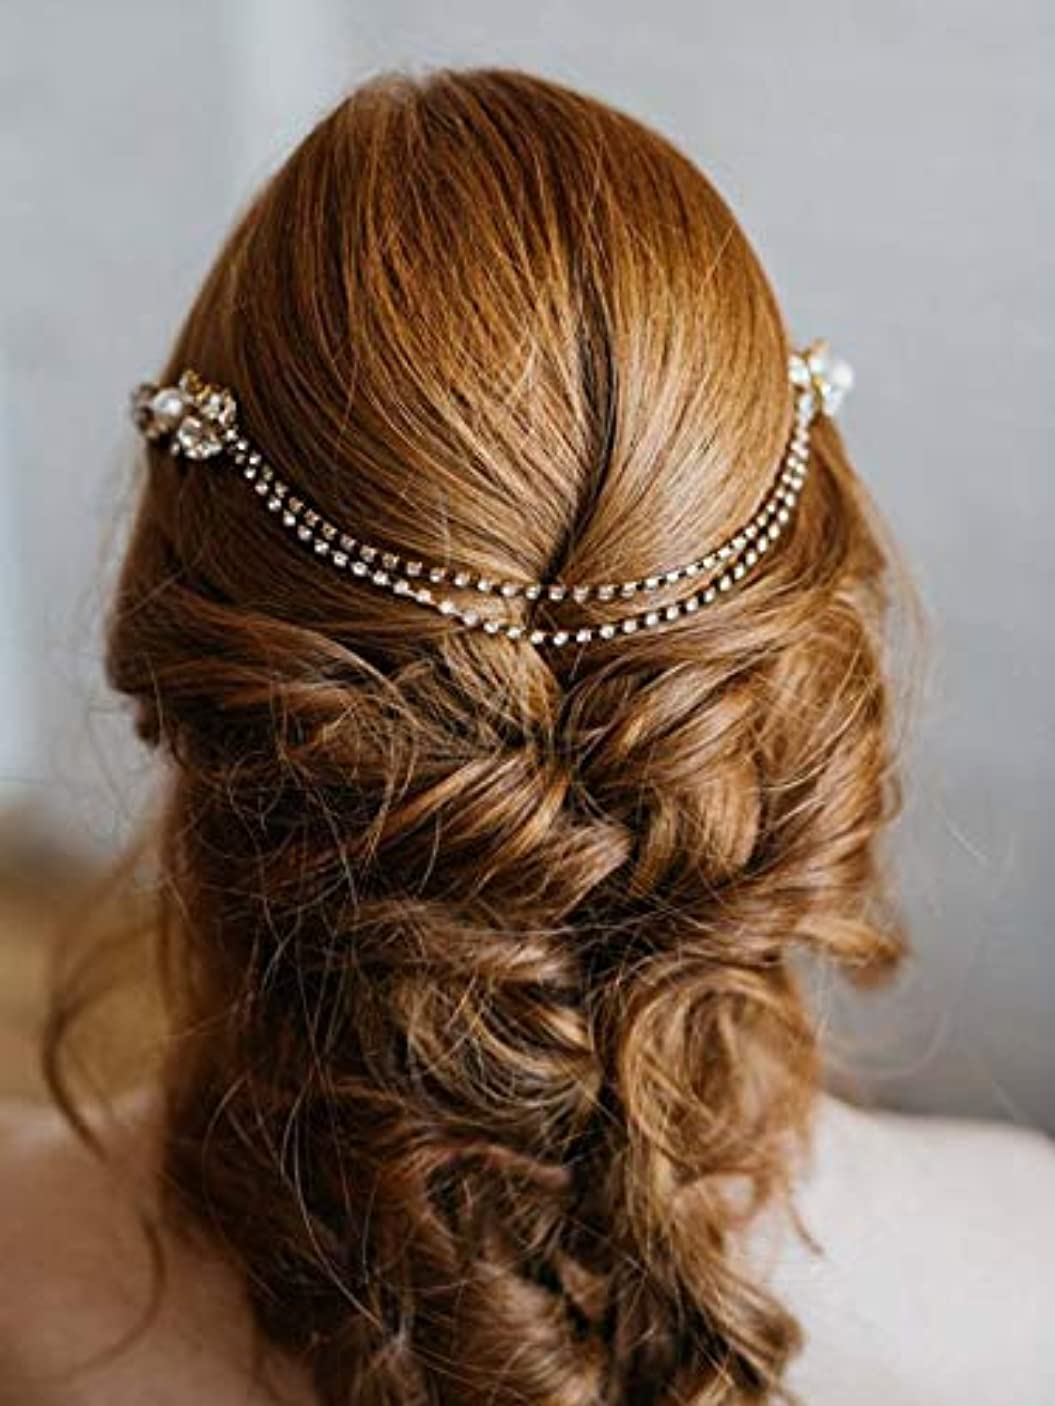 特許考える研究Aukmla Wedding Hair Accessories Flower Hair Combs with Chain Decorative Bridal for Brides and Bridesmaids (Silver...